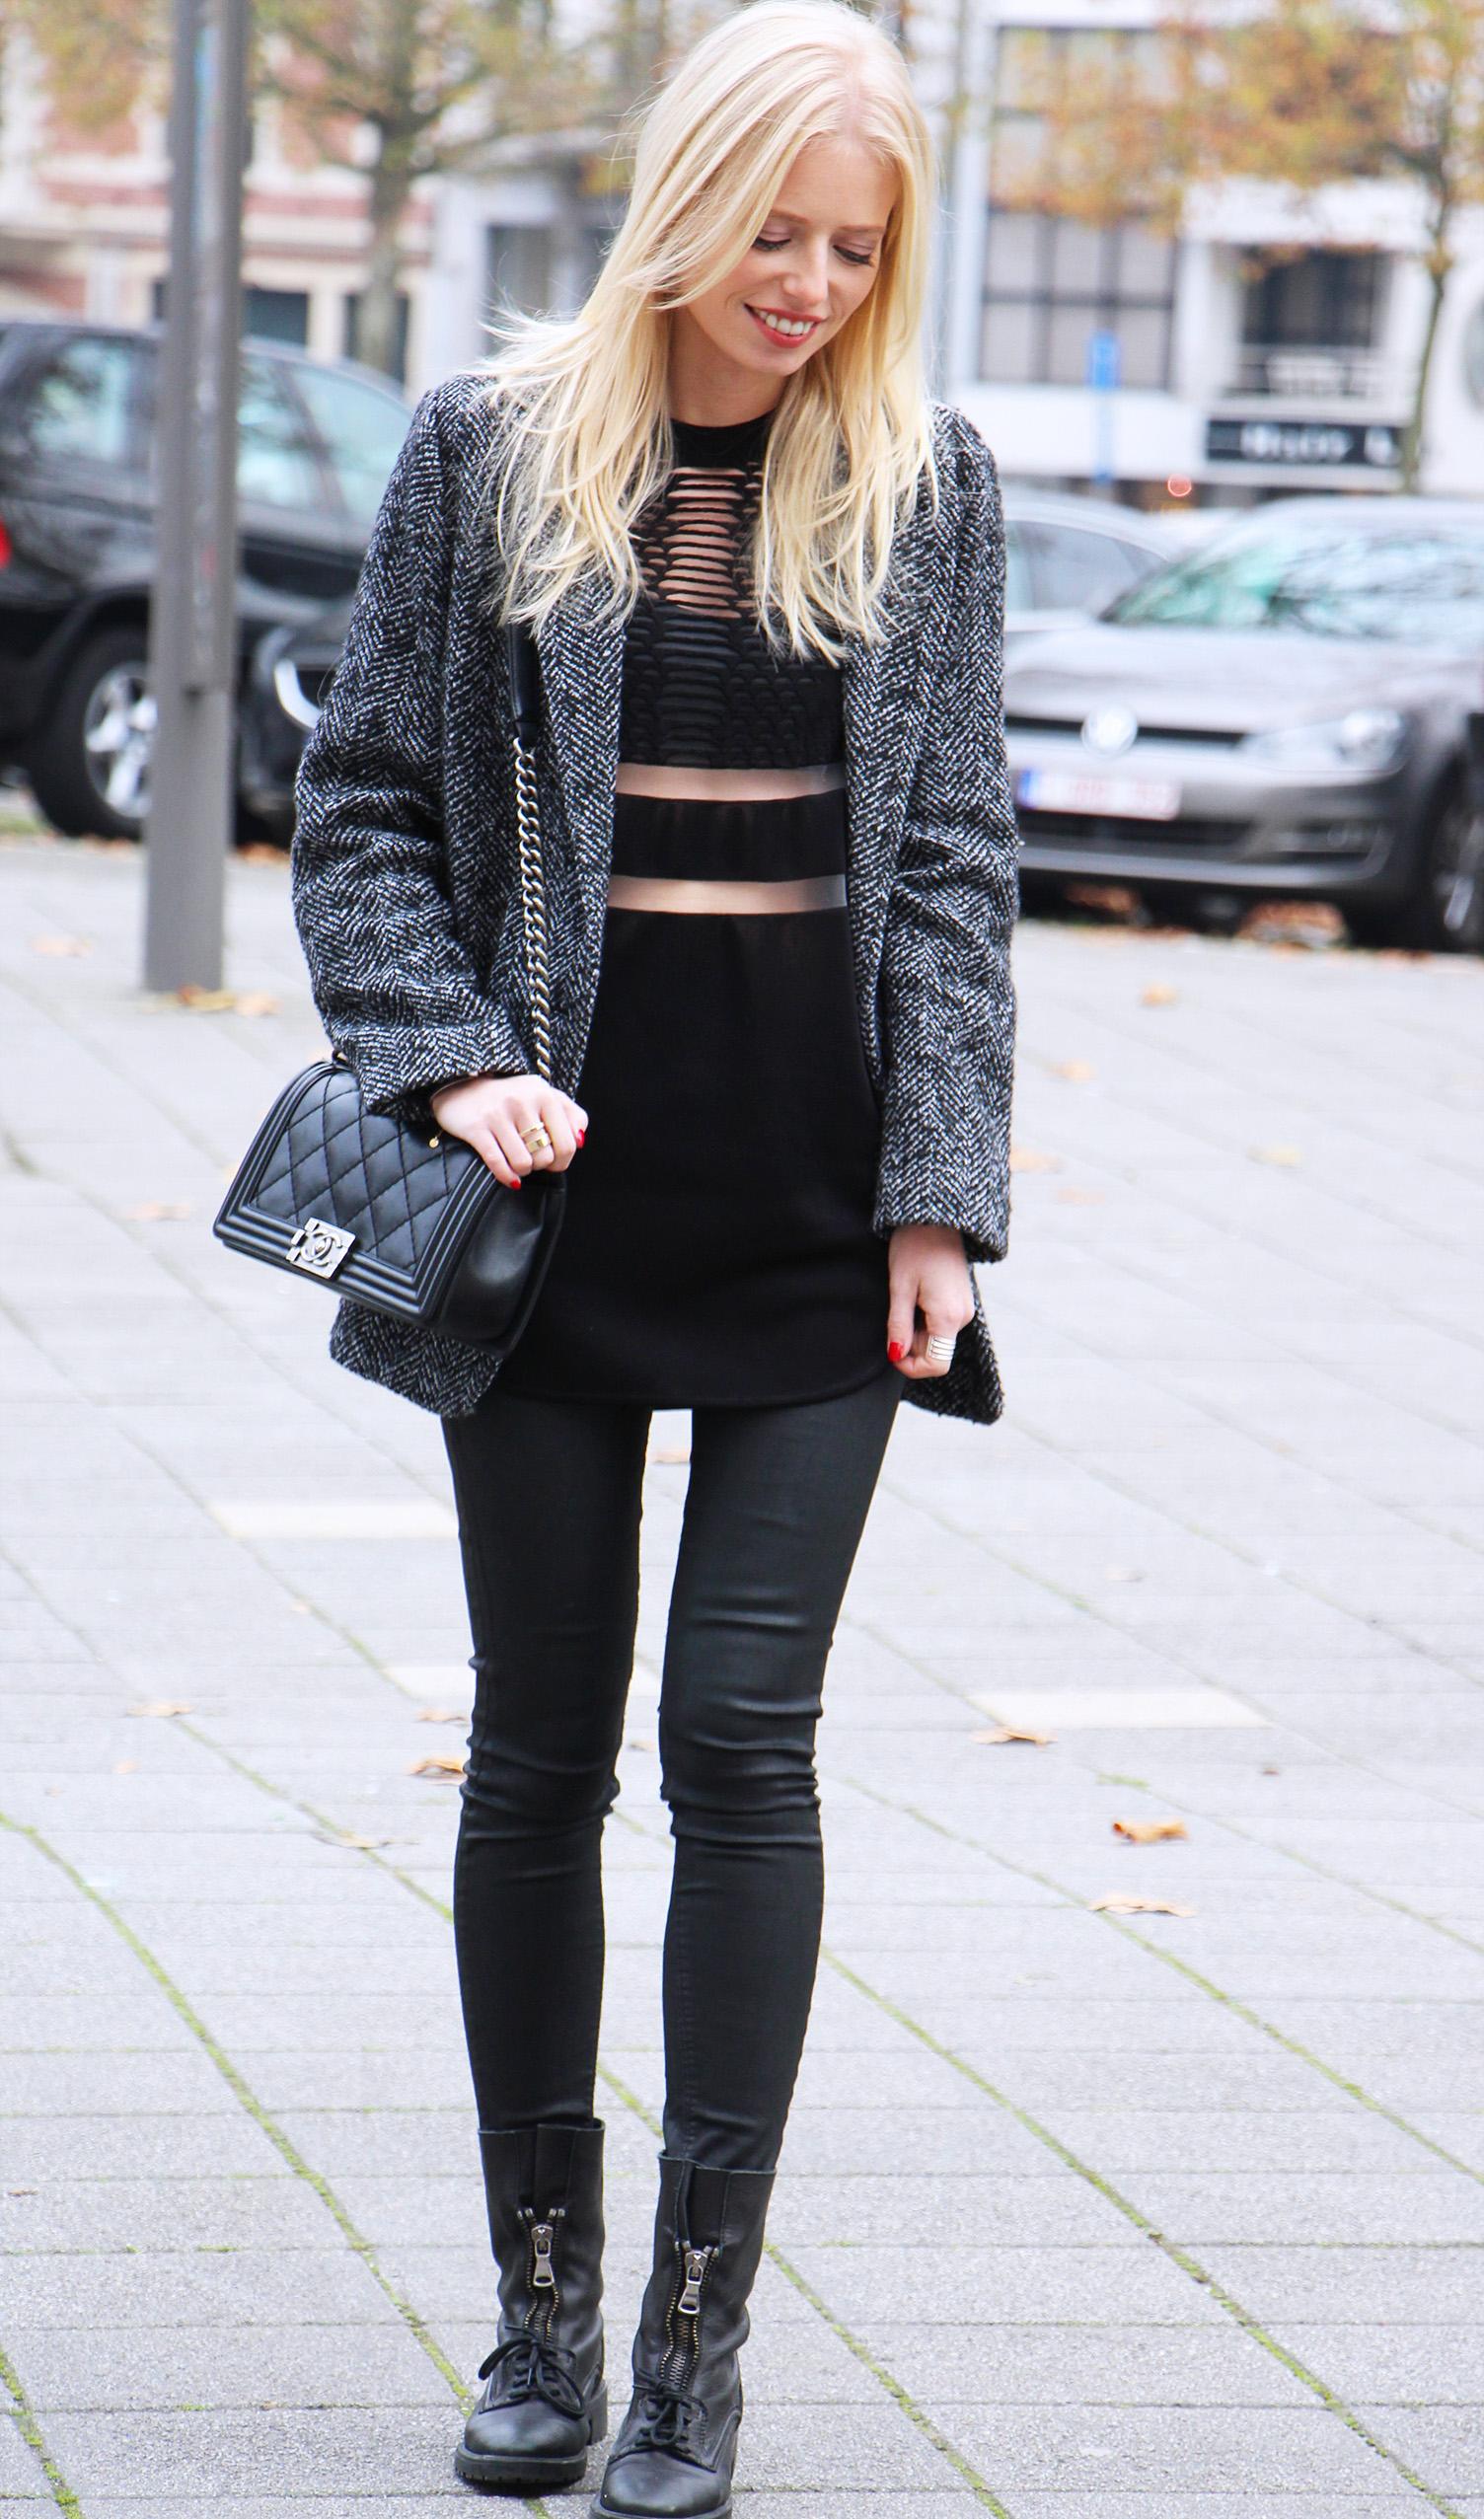 outfit6nov4